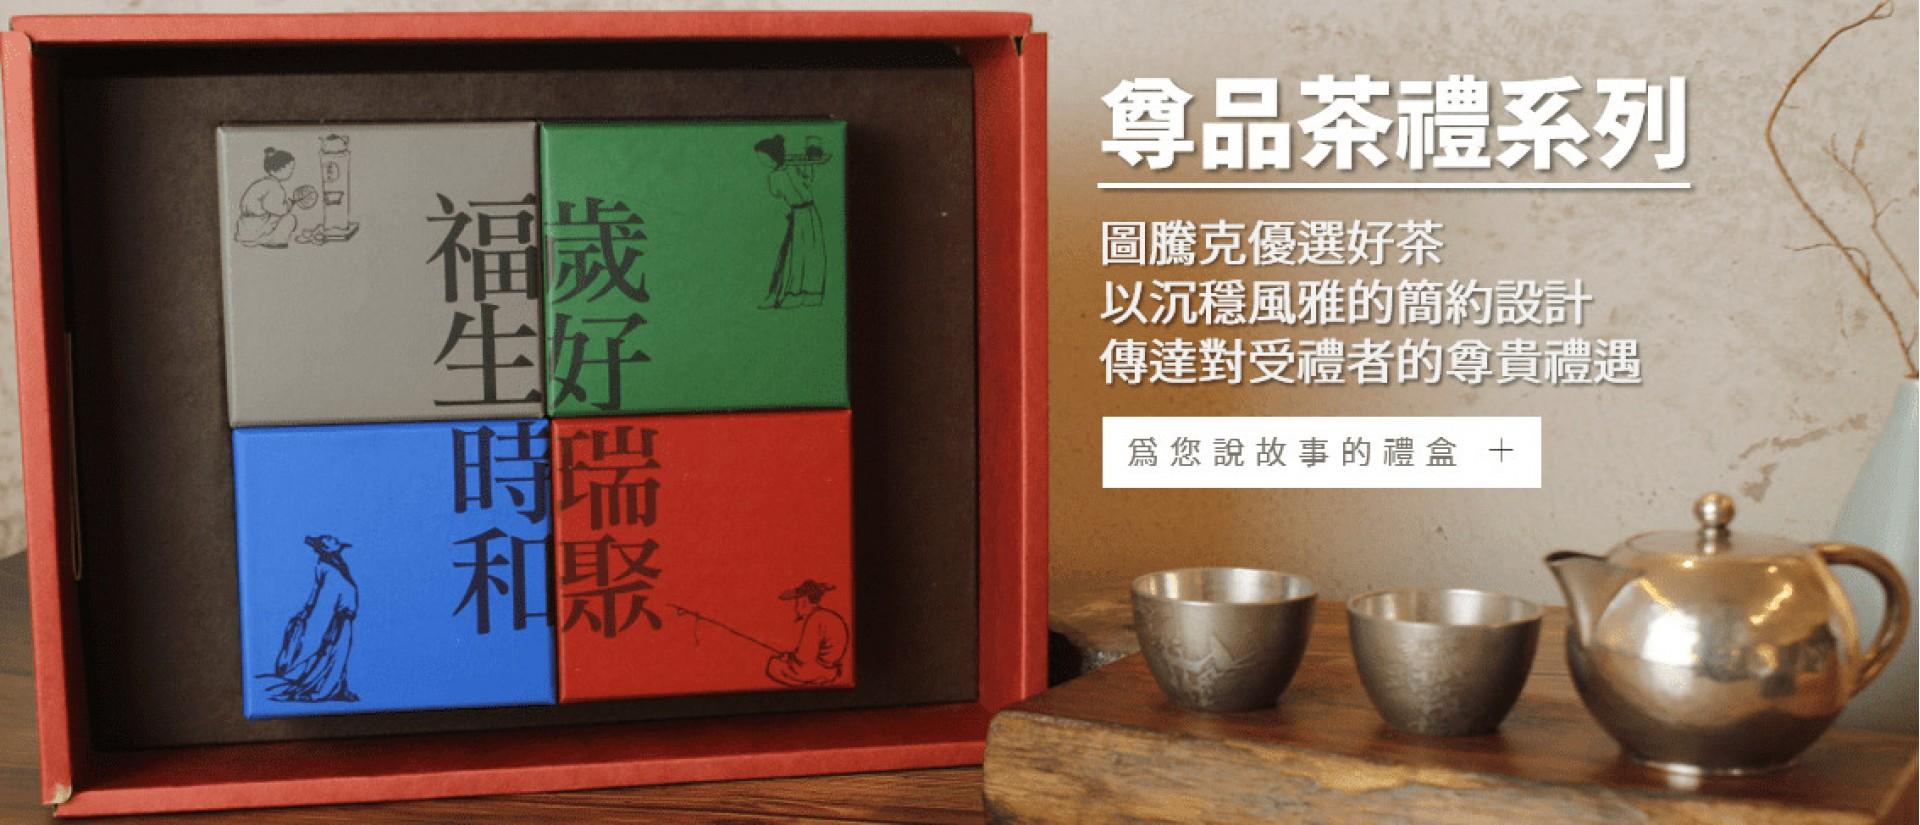 圖騰克 四方 茶禮盒 伴手禮  包裝 外盒 台灣茶 烏龍茶 三角包 袋茶 小窗幽記 梨山 阿里山 蜜香紅茶 合歡山 書法手寫 12